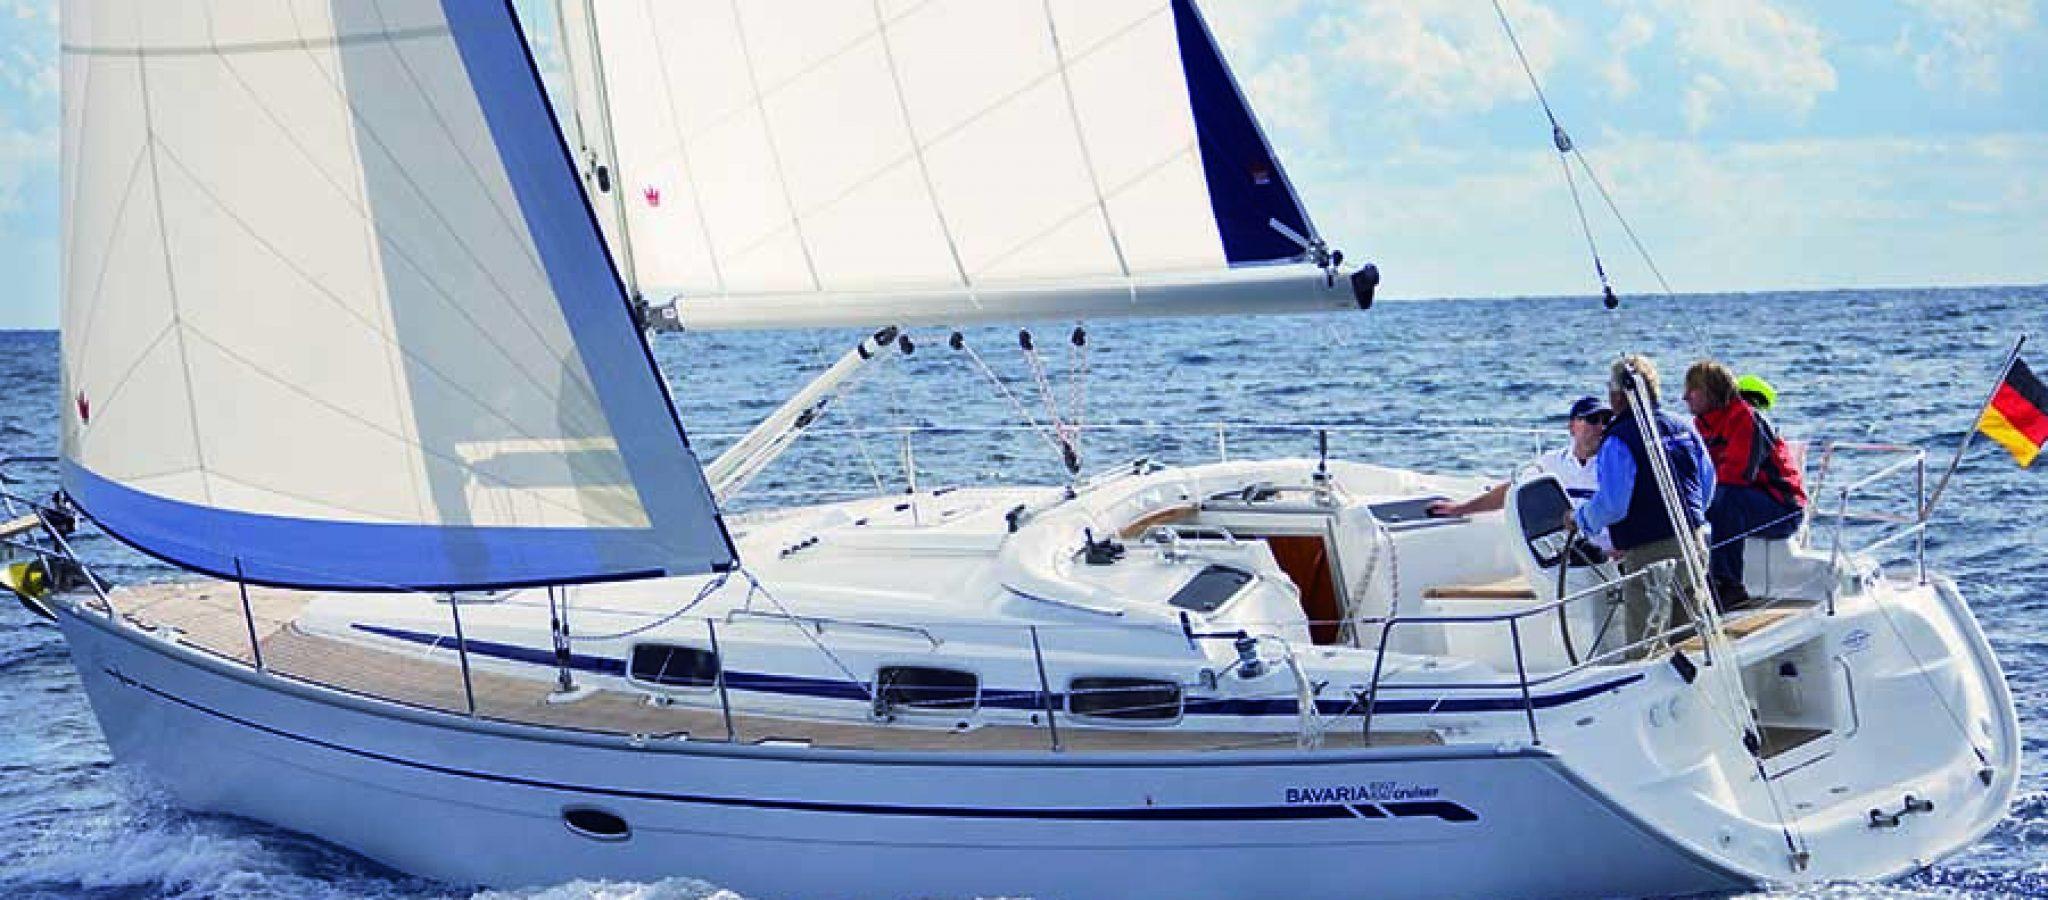 Bavaria 37 cruiser navigation